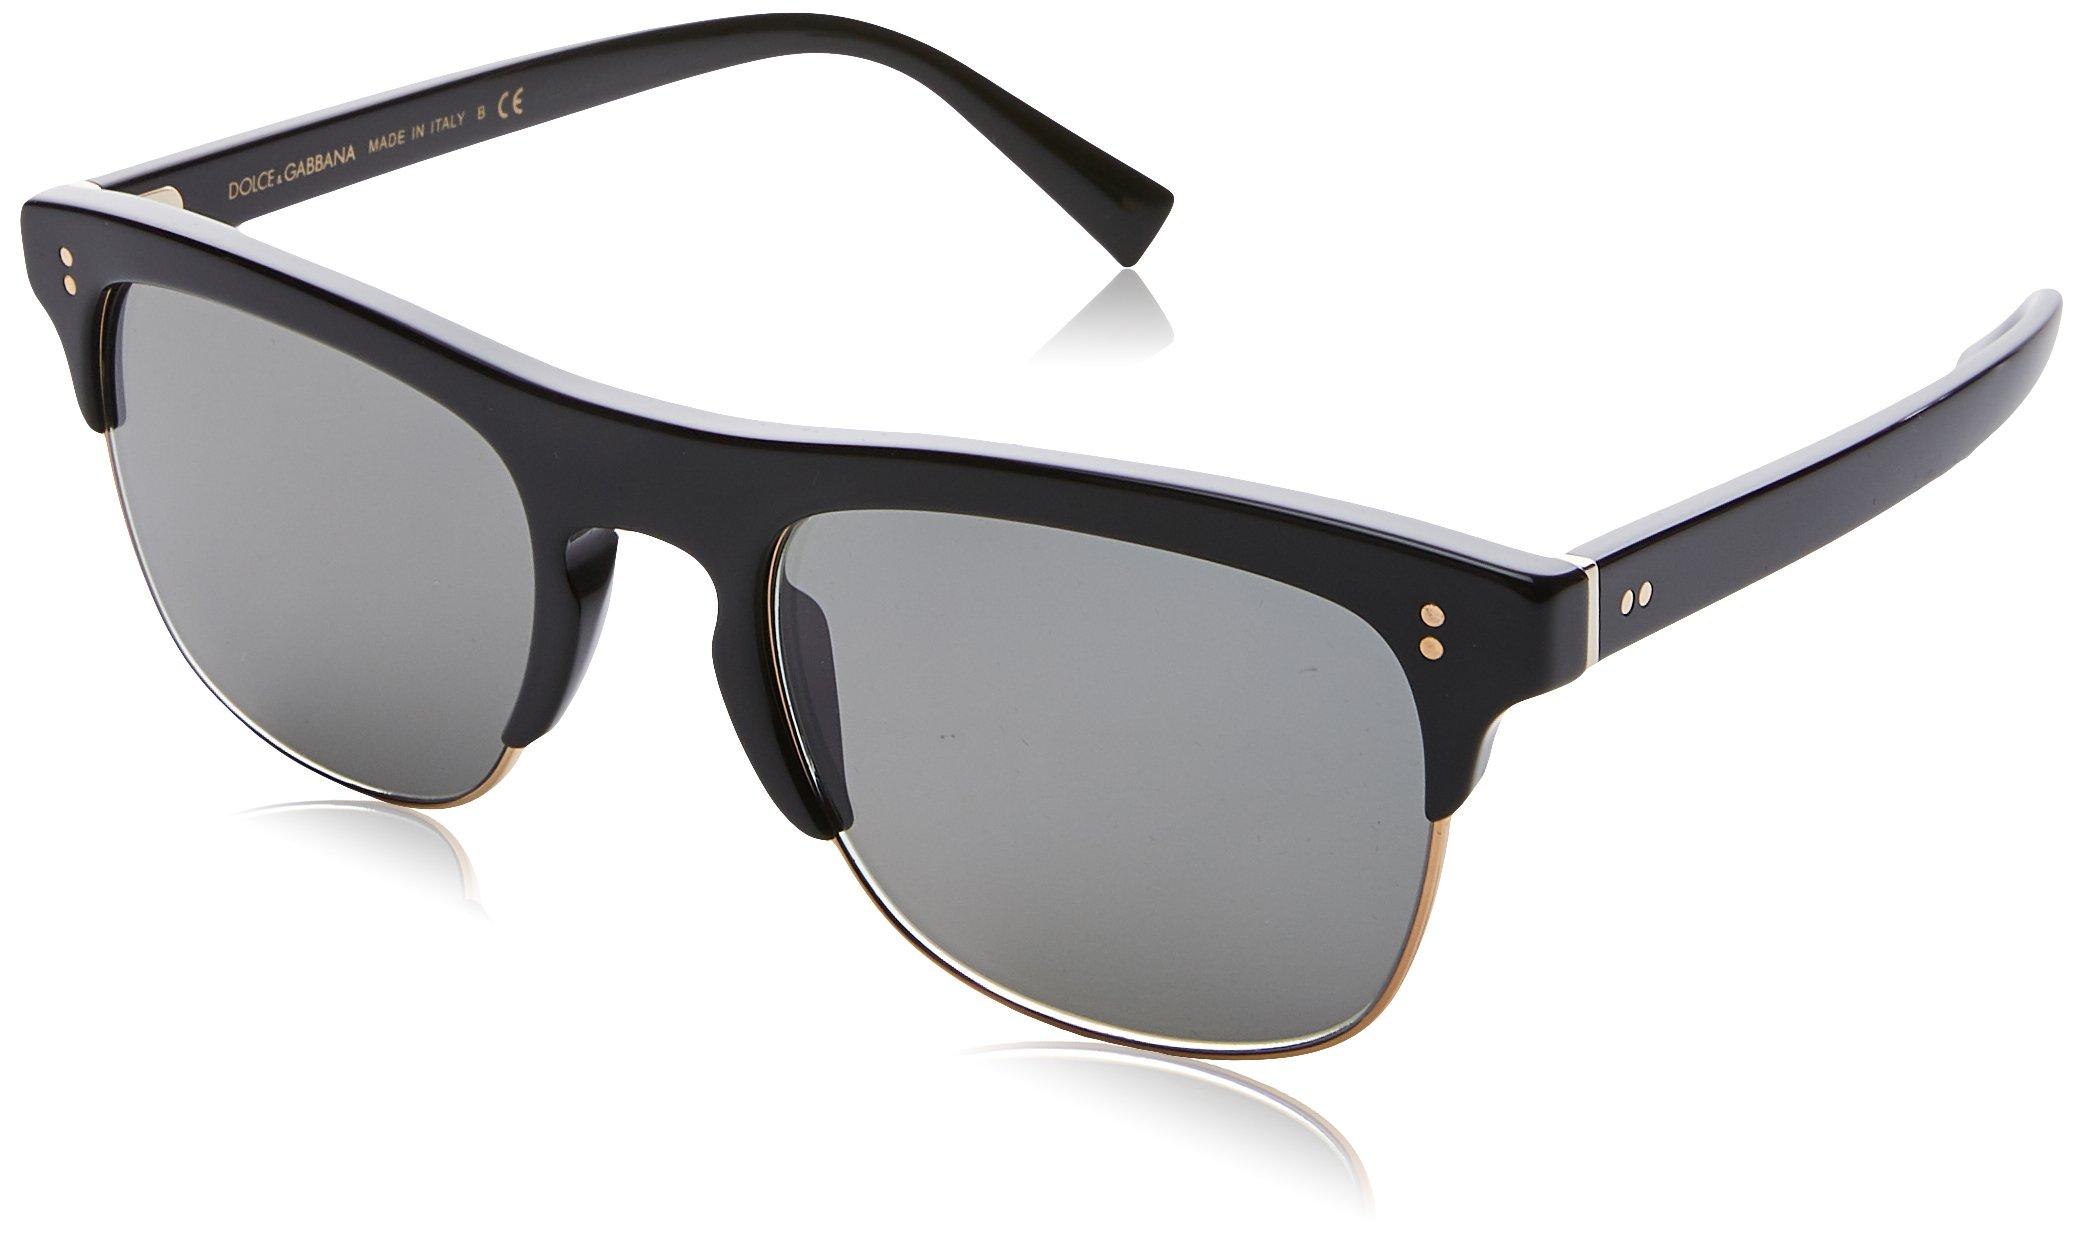 Dolce & Gabbana Sonnenbrille (DG4305)